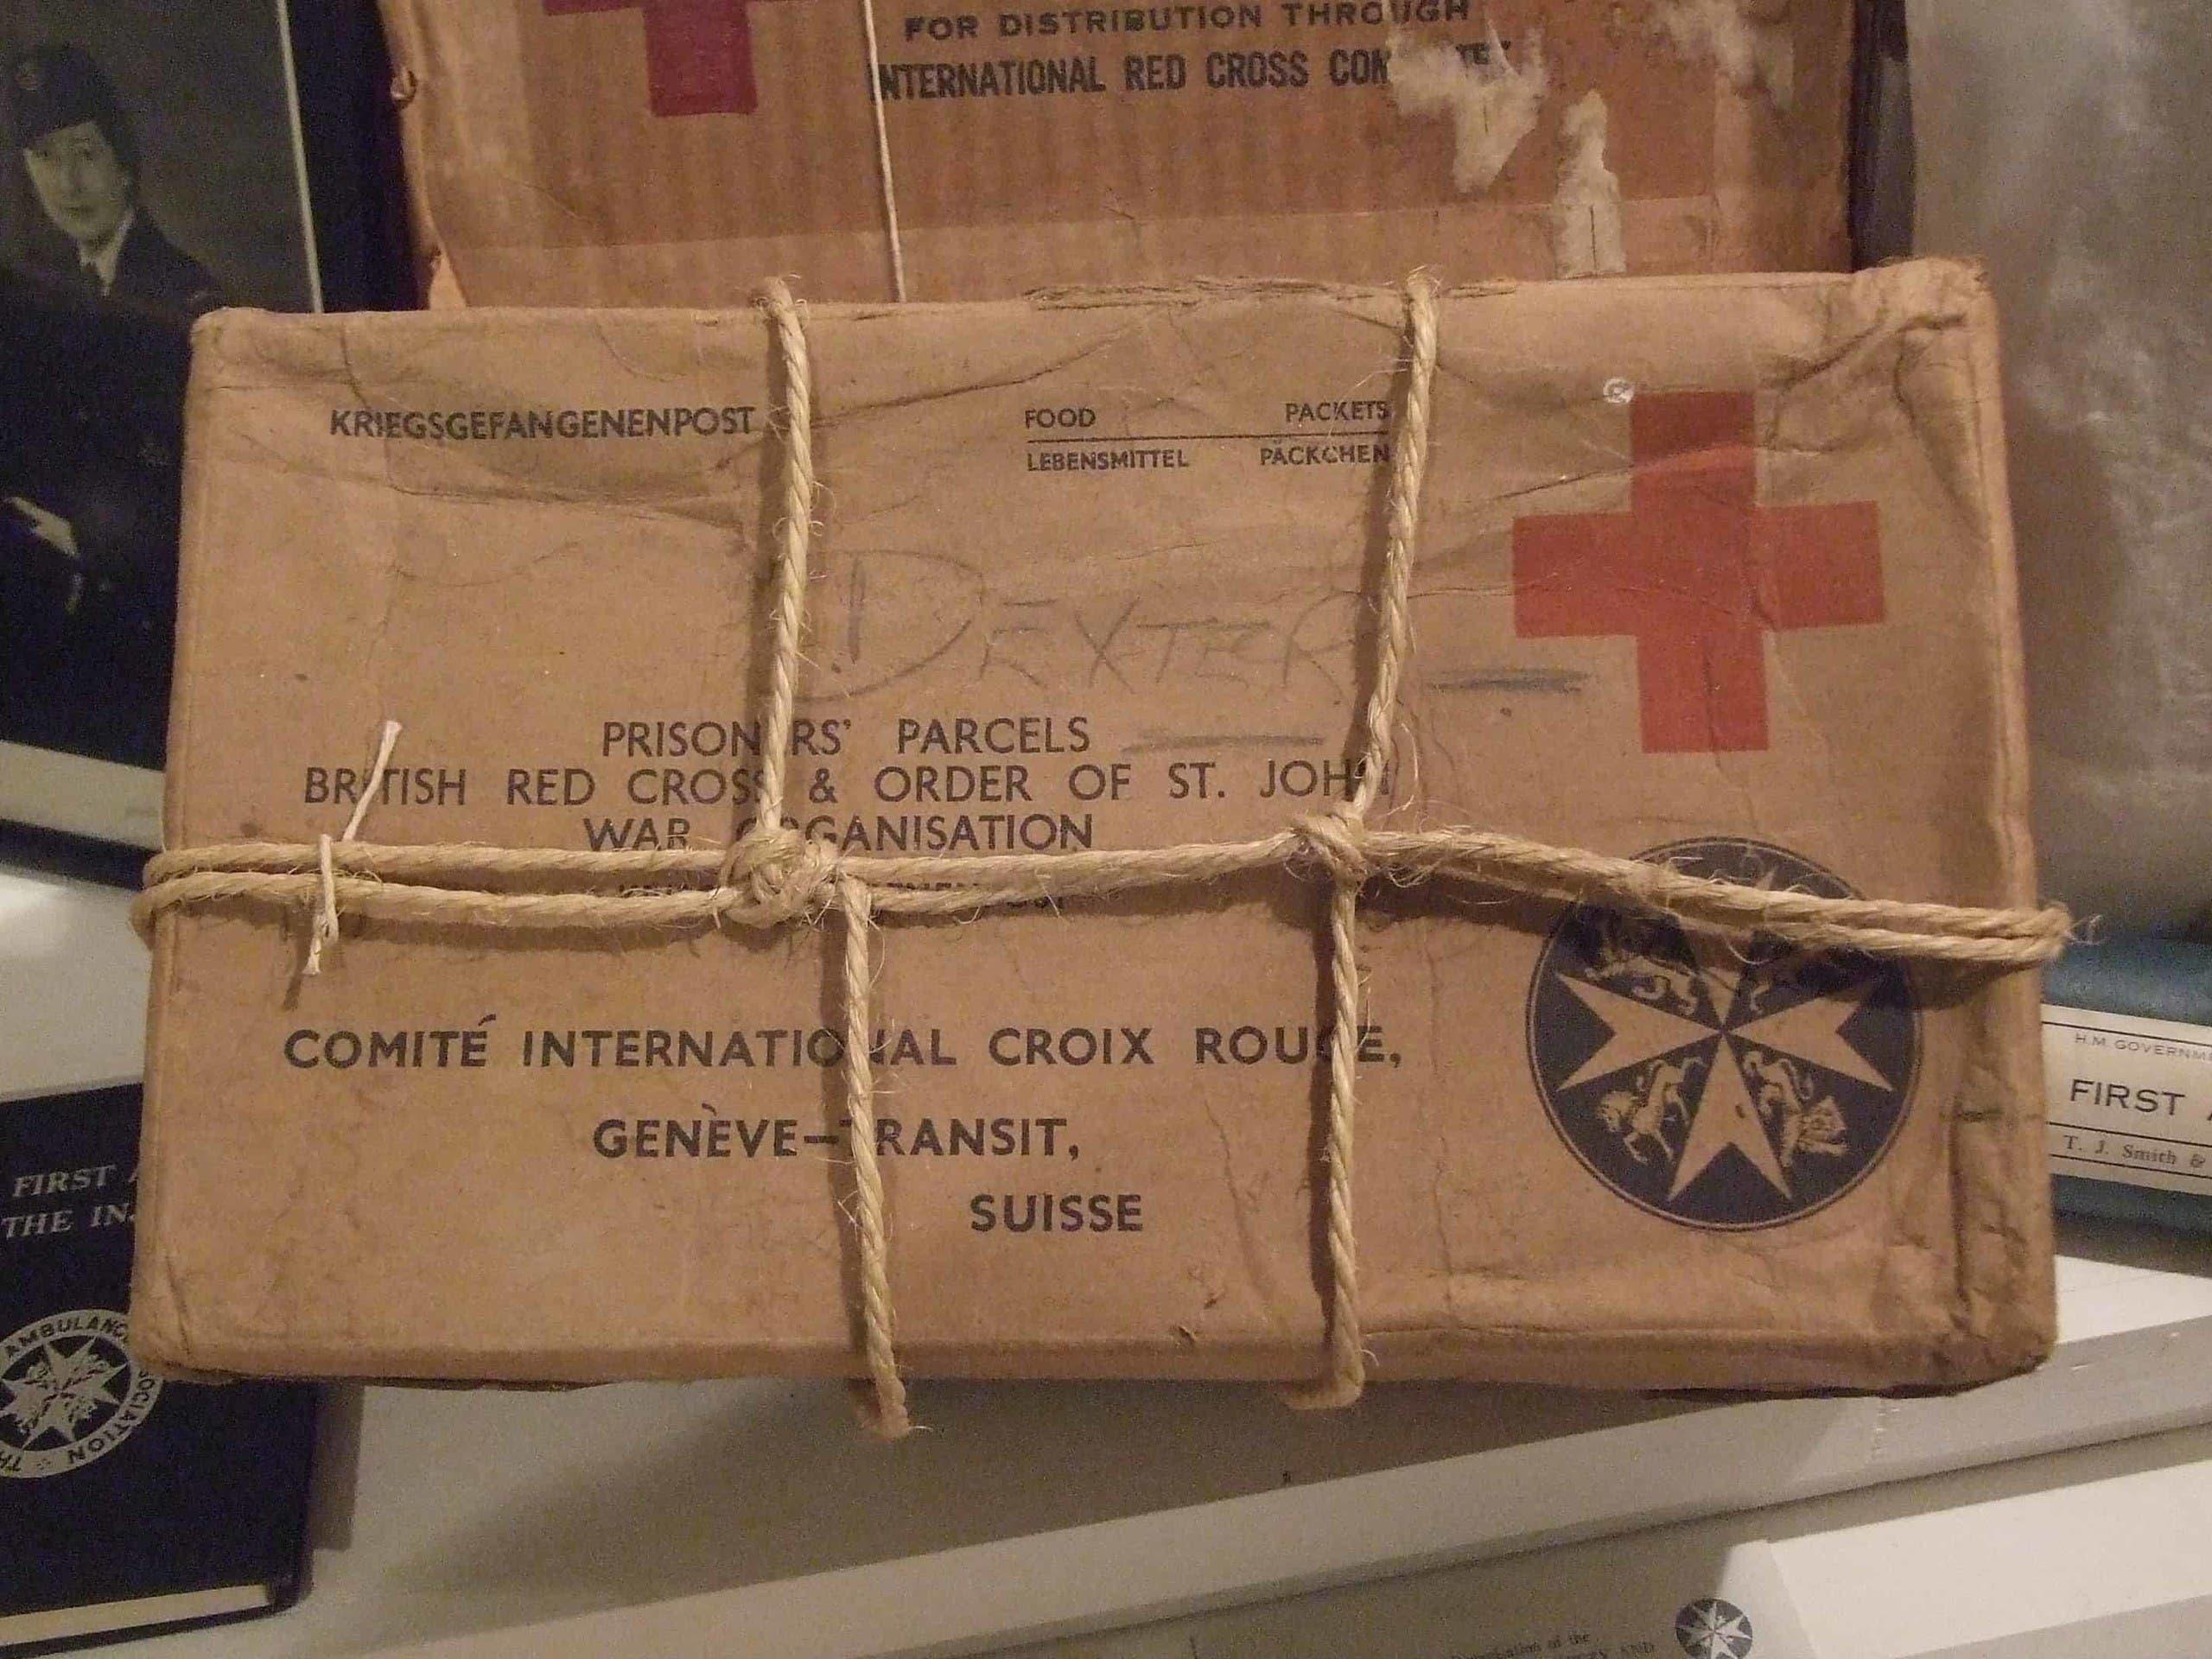 صورة لإحدى العلب التي كانت ترسل للجنود البريطانيين الأسرى لدى الألمان عن طريق الصليب الأحمر البريطاني